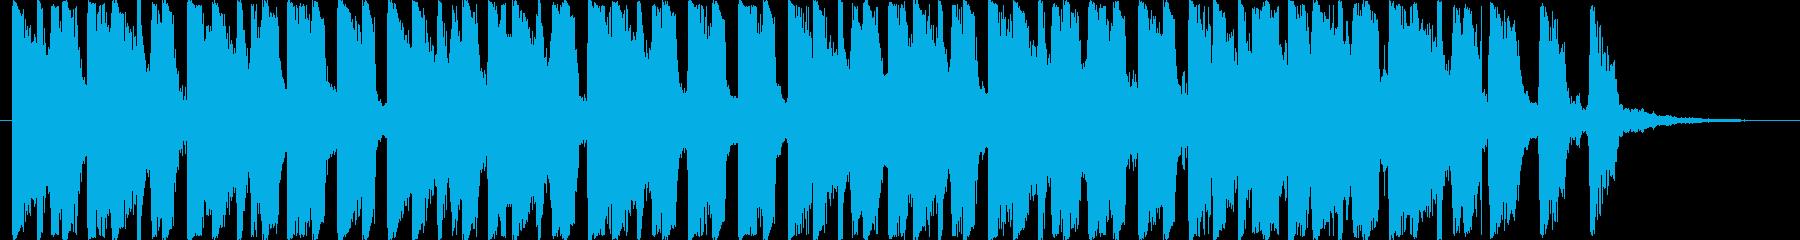 トロピカル・ヤシの実・ビーチ・海・砂・空の再生済みの波形